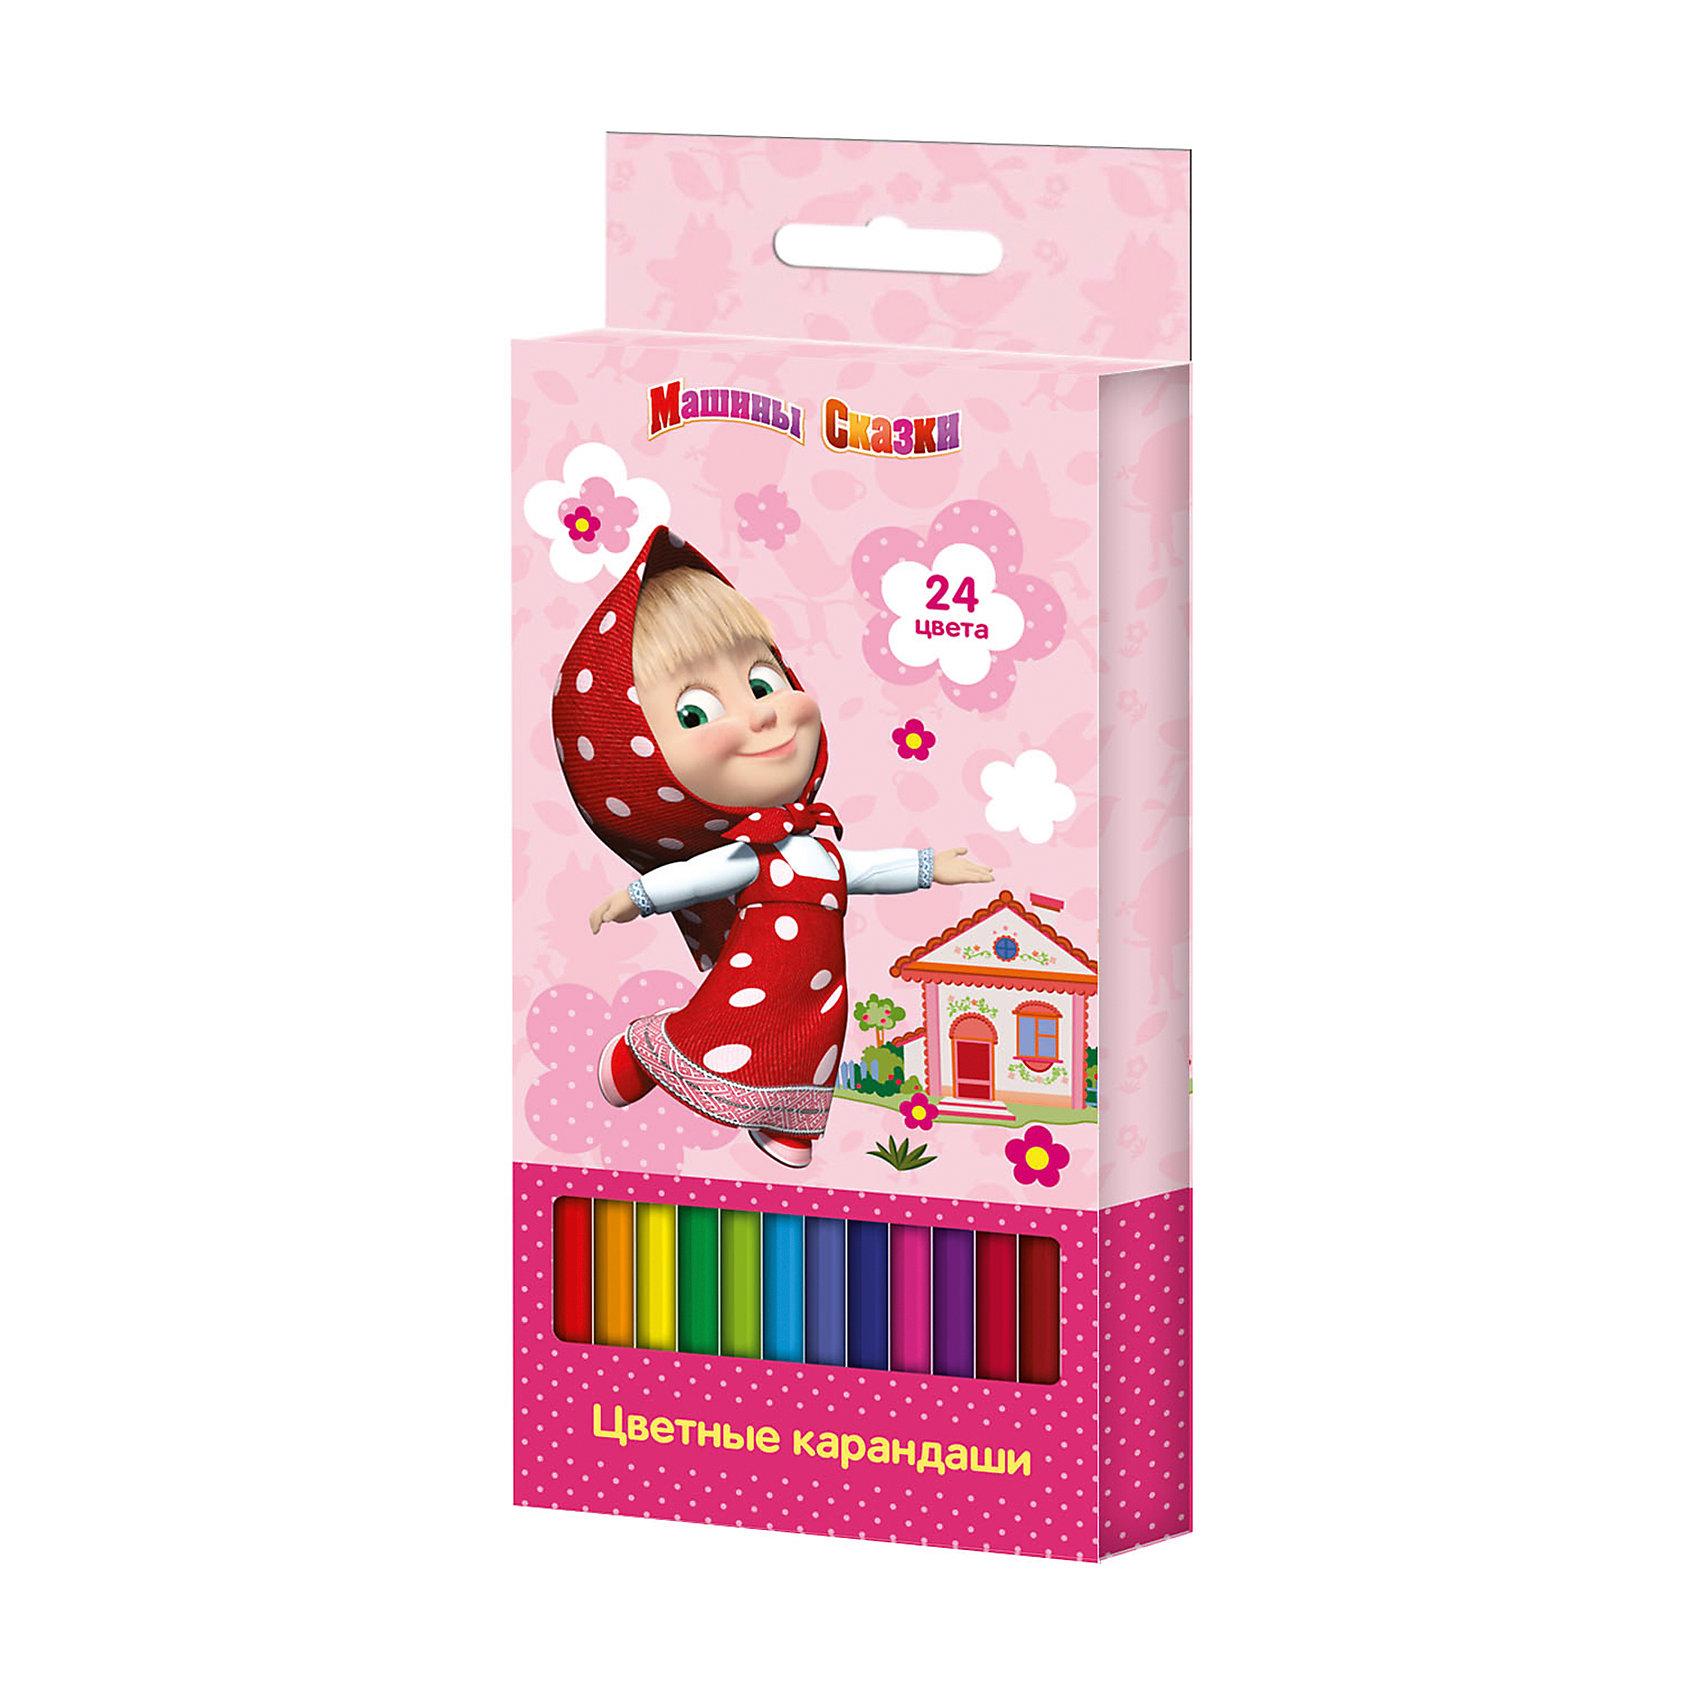 Цветные карандаши, 24 цв., Маша и МедведьЦветные карандаши - необходимый инструмент для детского творчества и школьных занятий. Карандаши, Маша и Медведь, идеально подходят для рисования, письма и раскрашивания, не требуют сильного нажатия, поэтом ребенку будет легко ими рисовать. Карандаши изготовлены<br>из высококачественной древесины, легко затачиваются, имеют прочный грифель, который не ломается при заточке. Набор из 24 карандашей оформлен в розовую картонную коробку с изображением любимой героини из популярного мультсериала Маша и Медведь.<br><br><br>Дополнительная информация:<br><br>- В комплекте: 24 карандаша.<br>- Материал: дерево, грифель.<br>- Размер упаковки: 17,5 х 1,5 х 9 см.<br>- Вес: 139 гр.<br><br>Цветные карандаши, 24 цв., Маша и Медведь, можно купить в нашем интернет-магазине.<br><br>Ширина мм: 178<br>Глубина мм: 90<br>Высота мм: 15<br>Вес г: 139<br>Возраст от месяцев: 36<br>Возраст до месяцев: 120<br>Пол: Унисекс<br>Возраст: Детский<br>SKU: 4774823